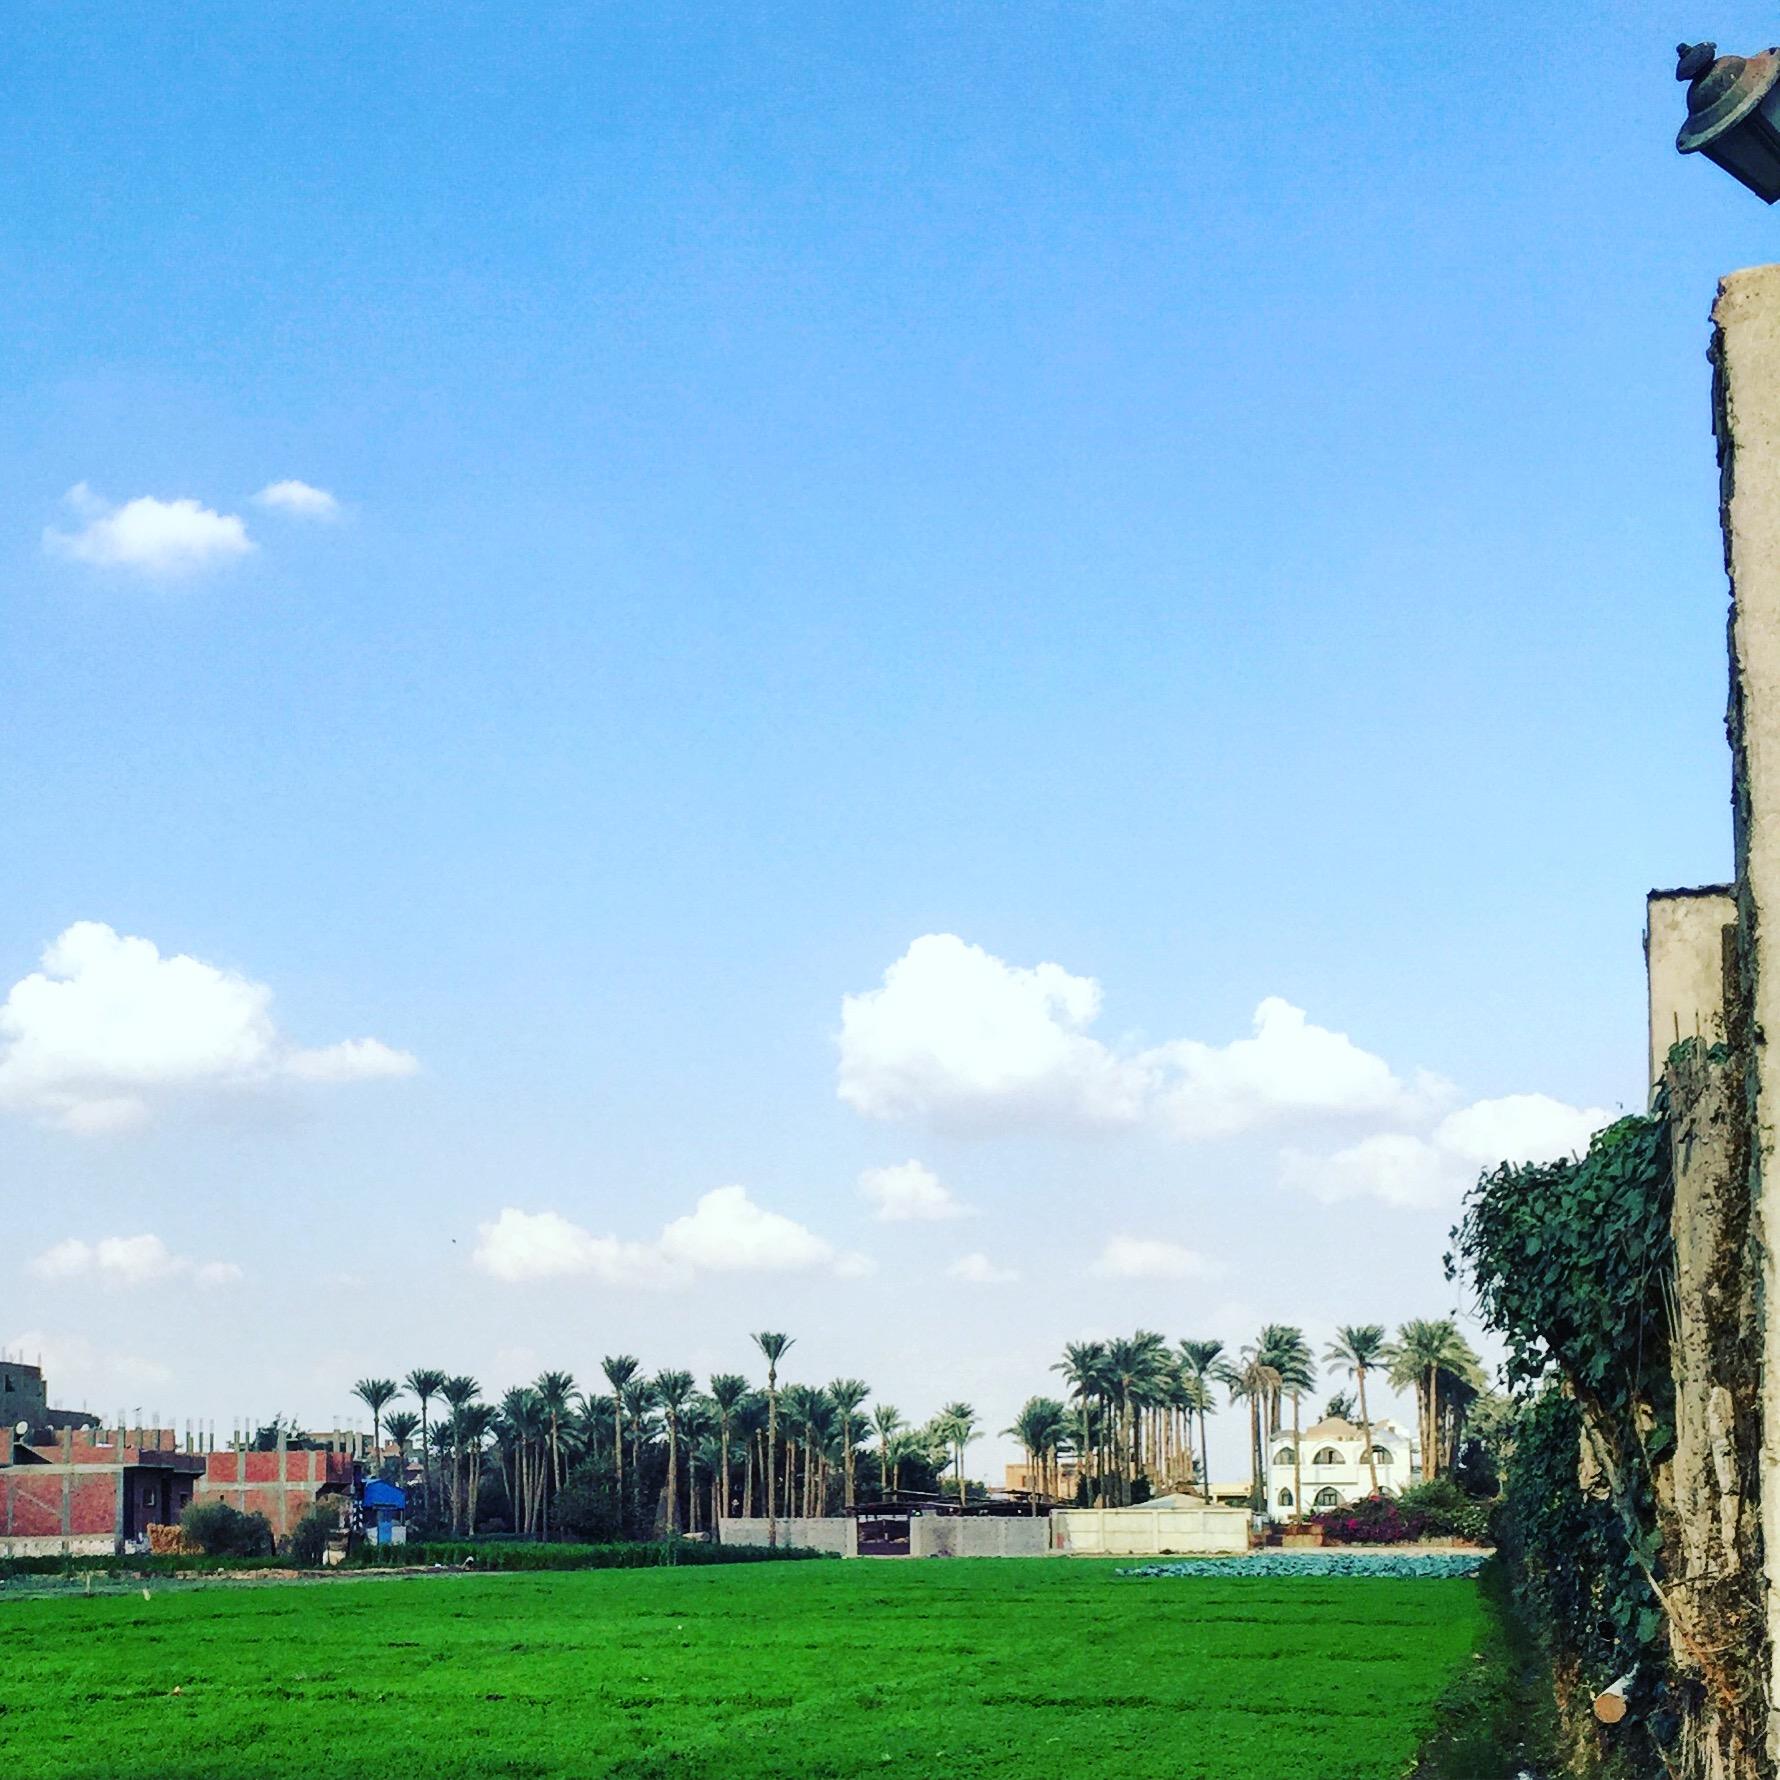 Studio El Ezba, Egypt '15